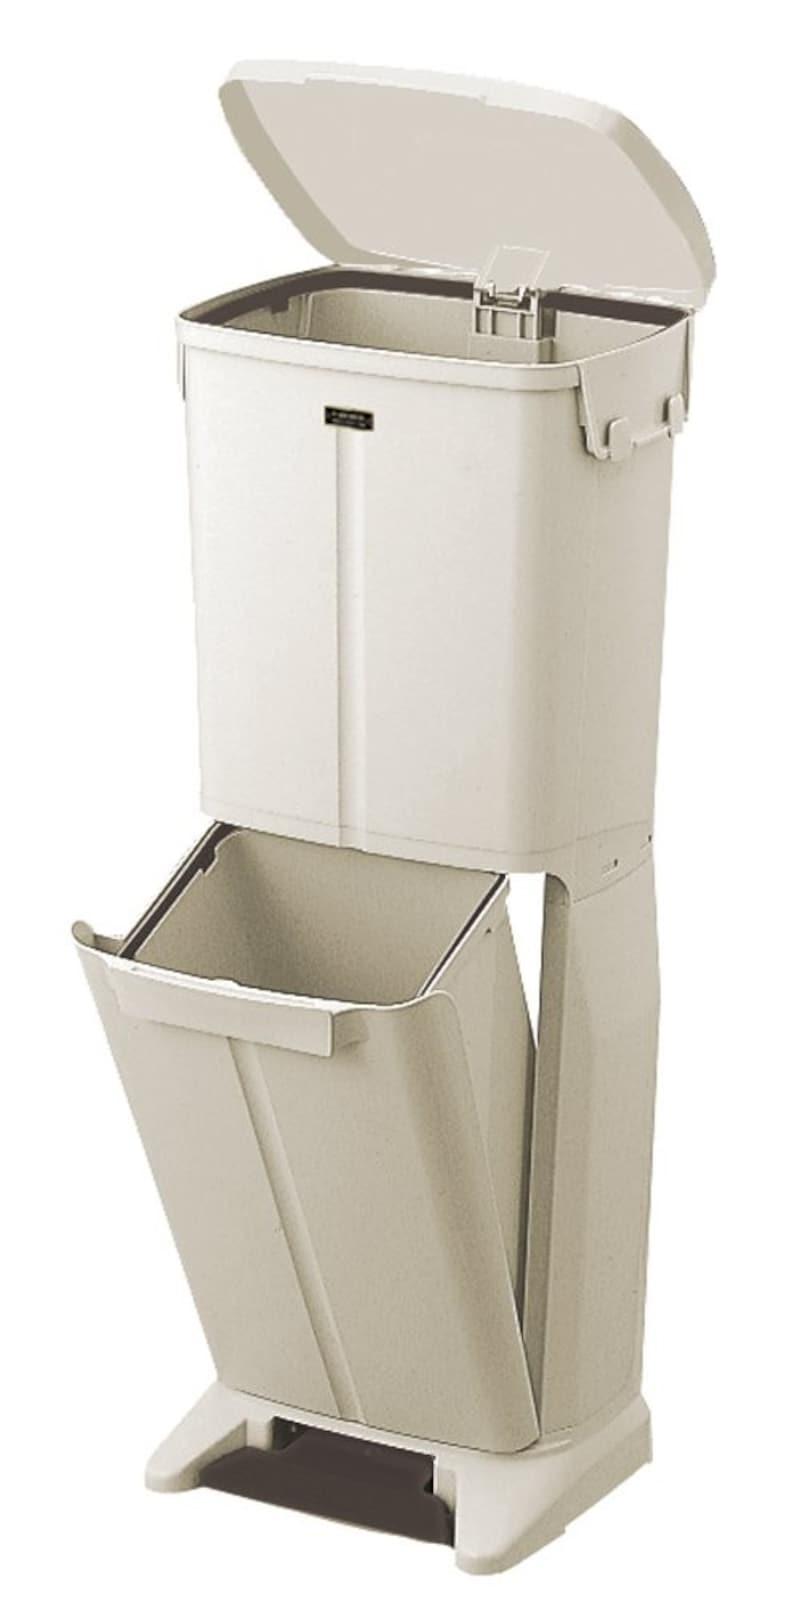 天馬(Tenma),ペダル式ごみ箱,83142